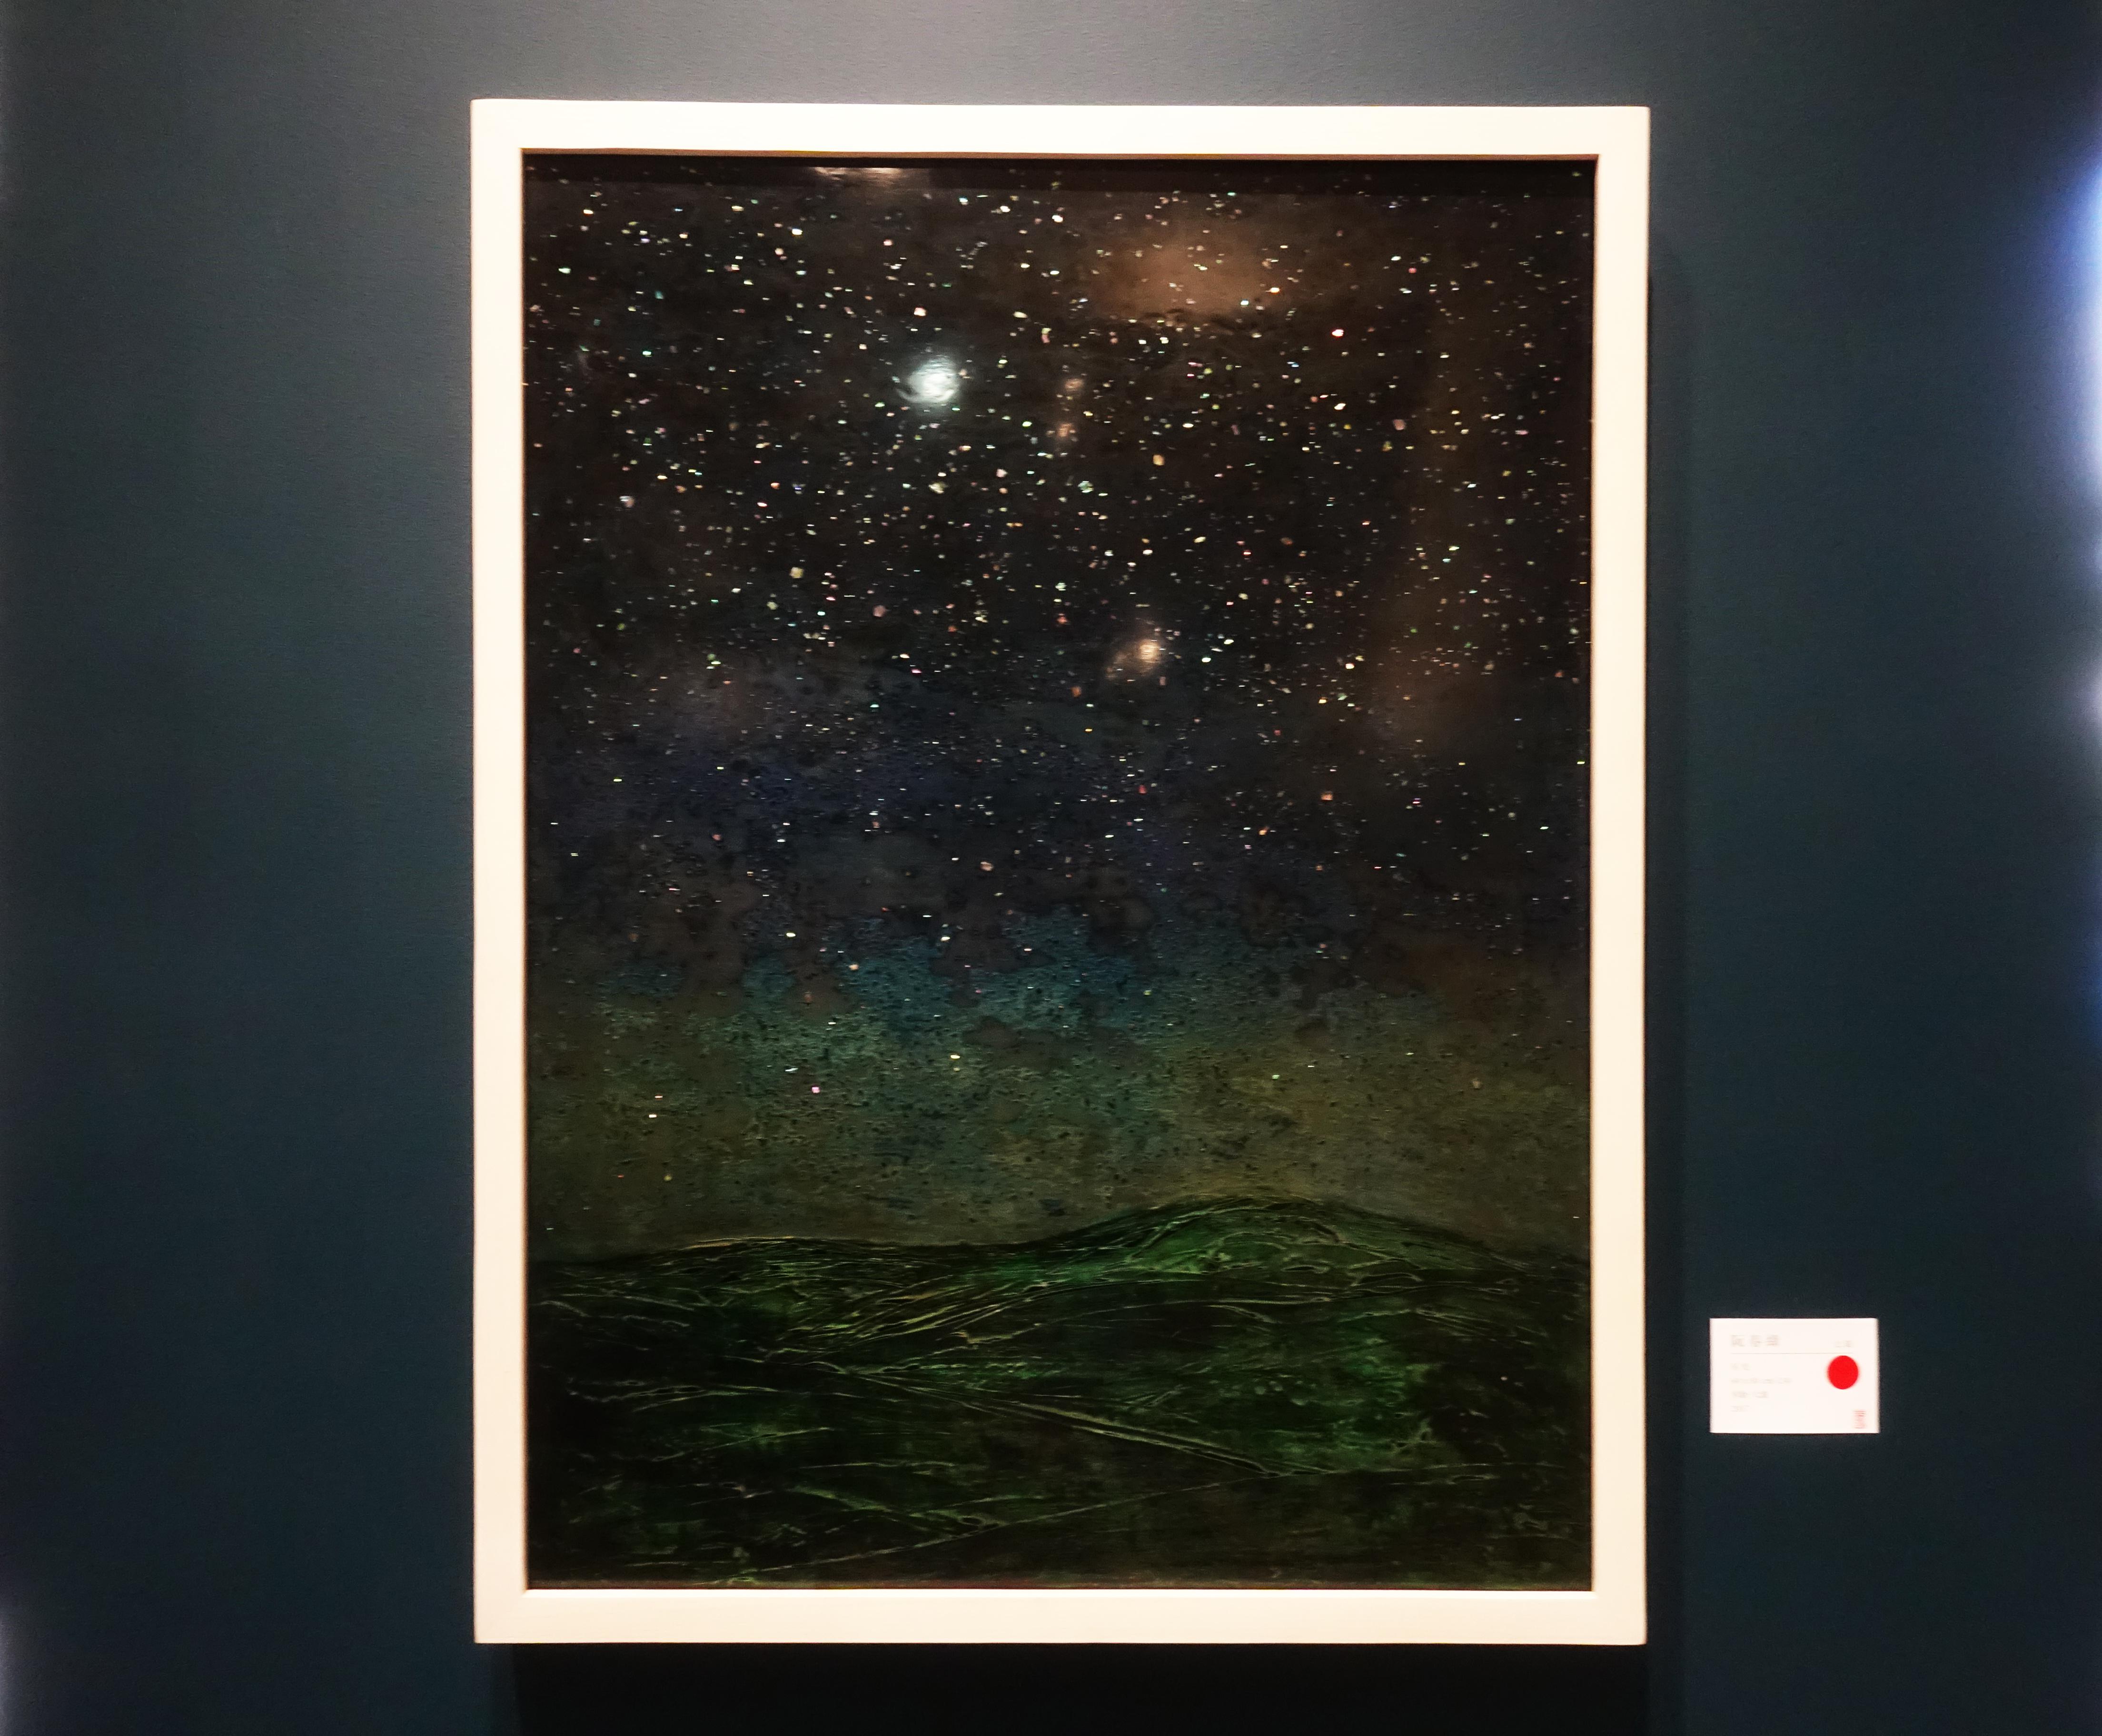 阮春綠,《星光》,60 x 80 cm,漆畫,2017。